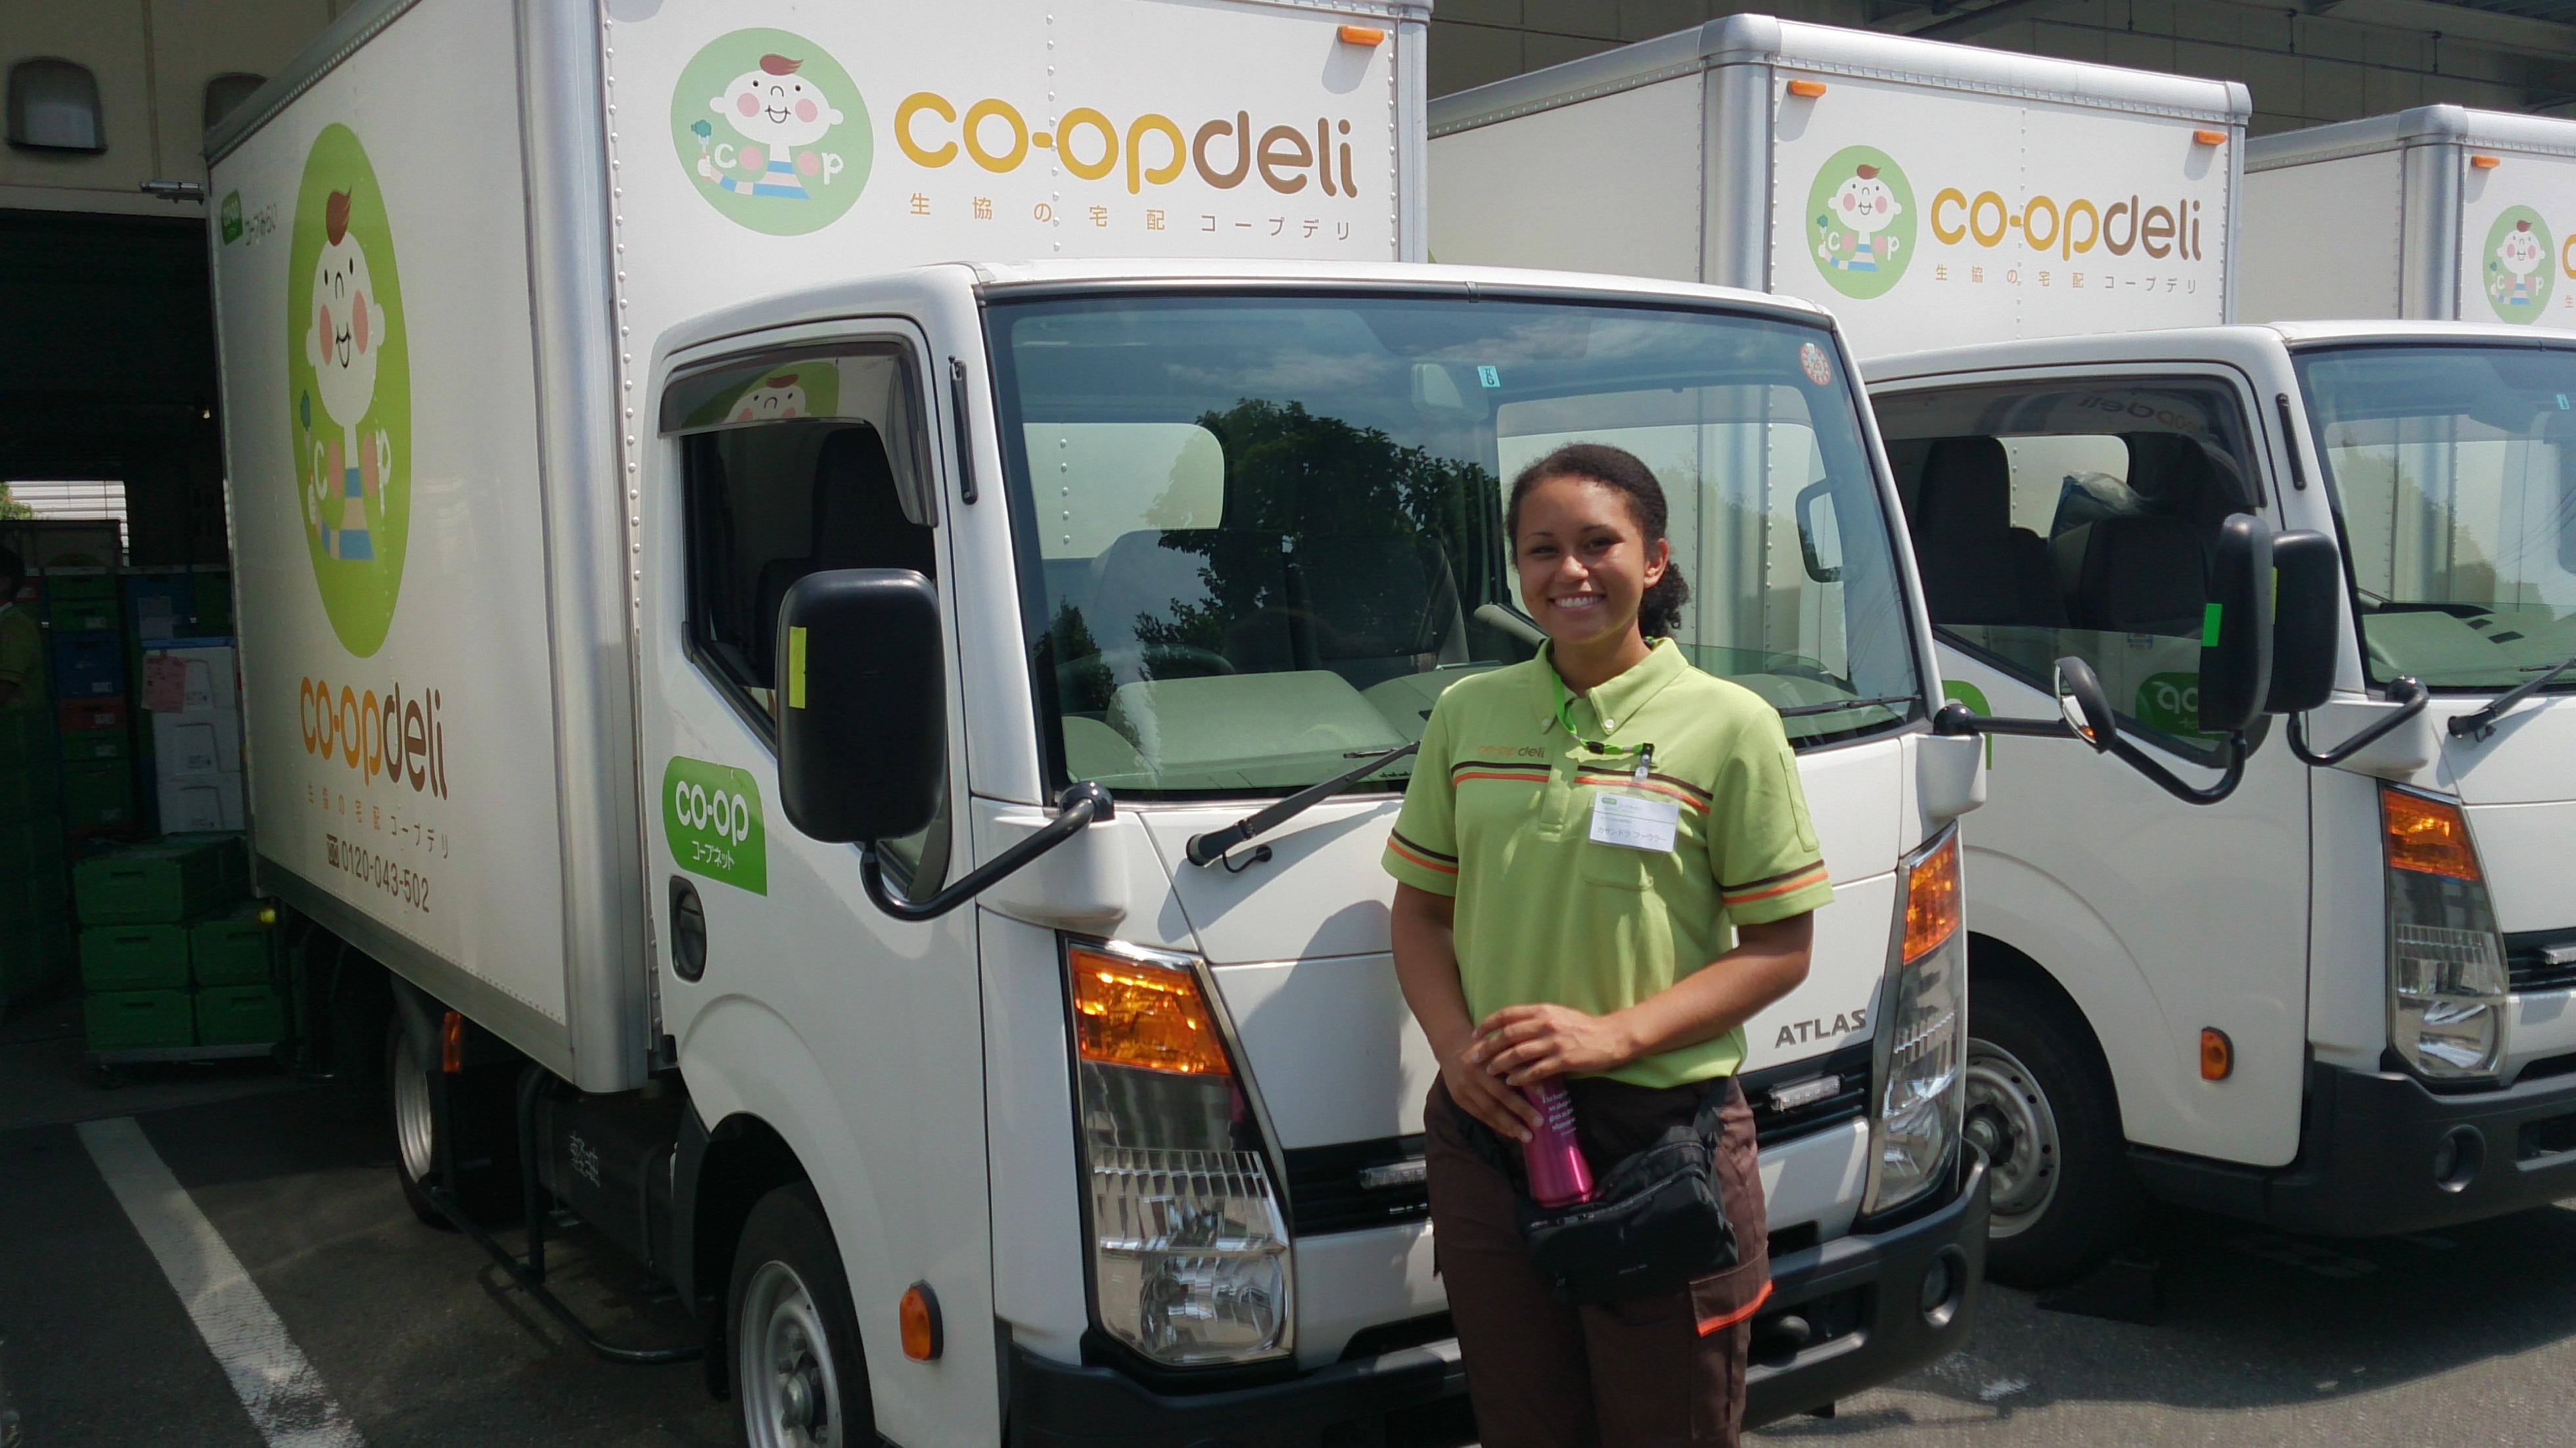 コープデリ宅配のトラックに同乗し配達の仕事も体験。お届け先の組合員の皆さんと交流しました